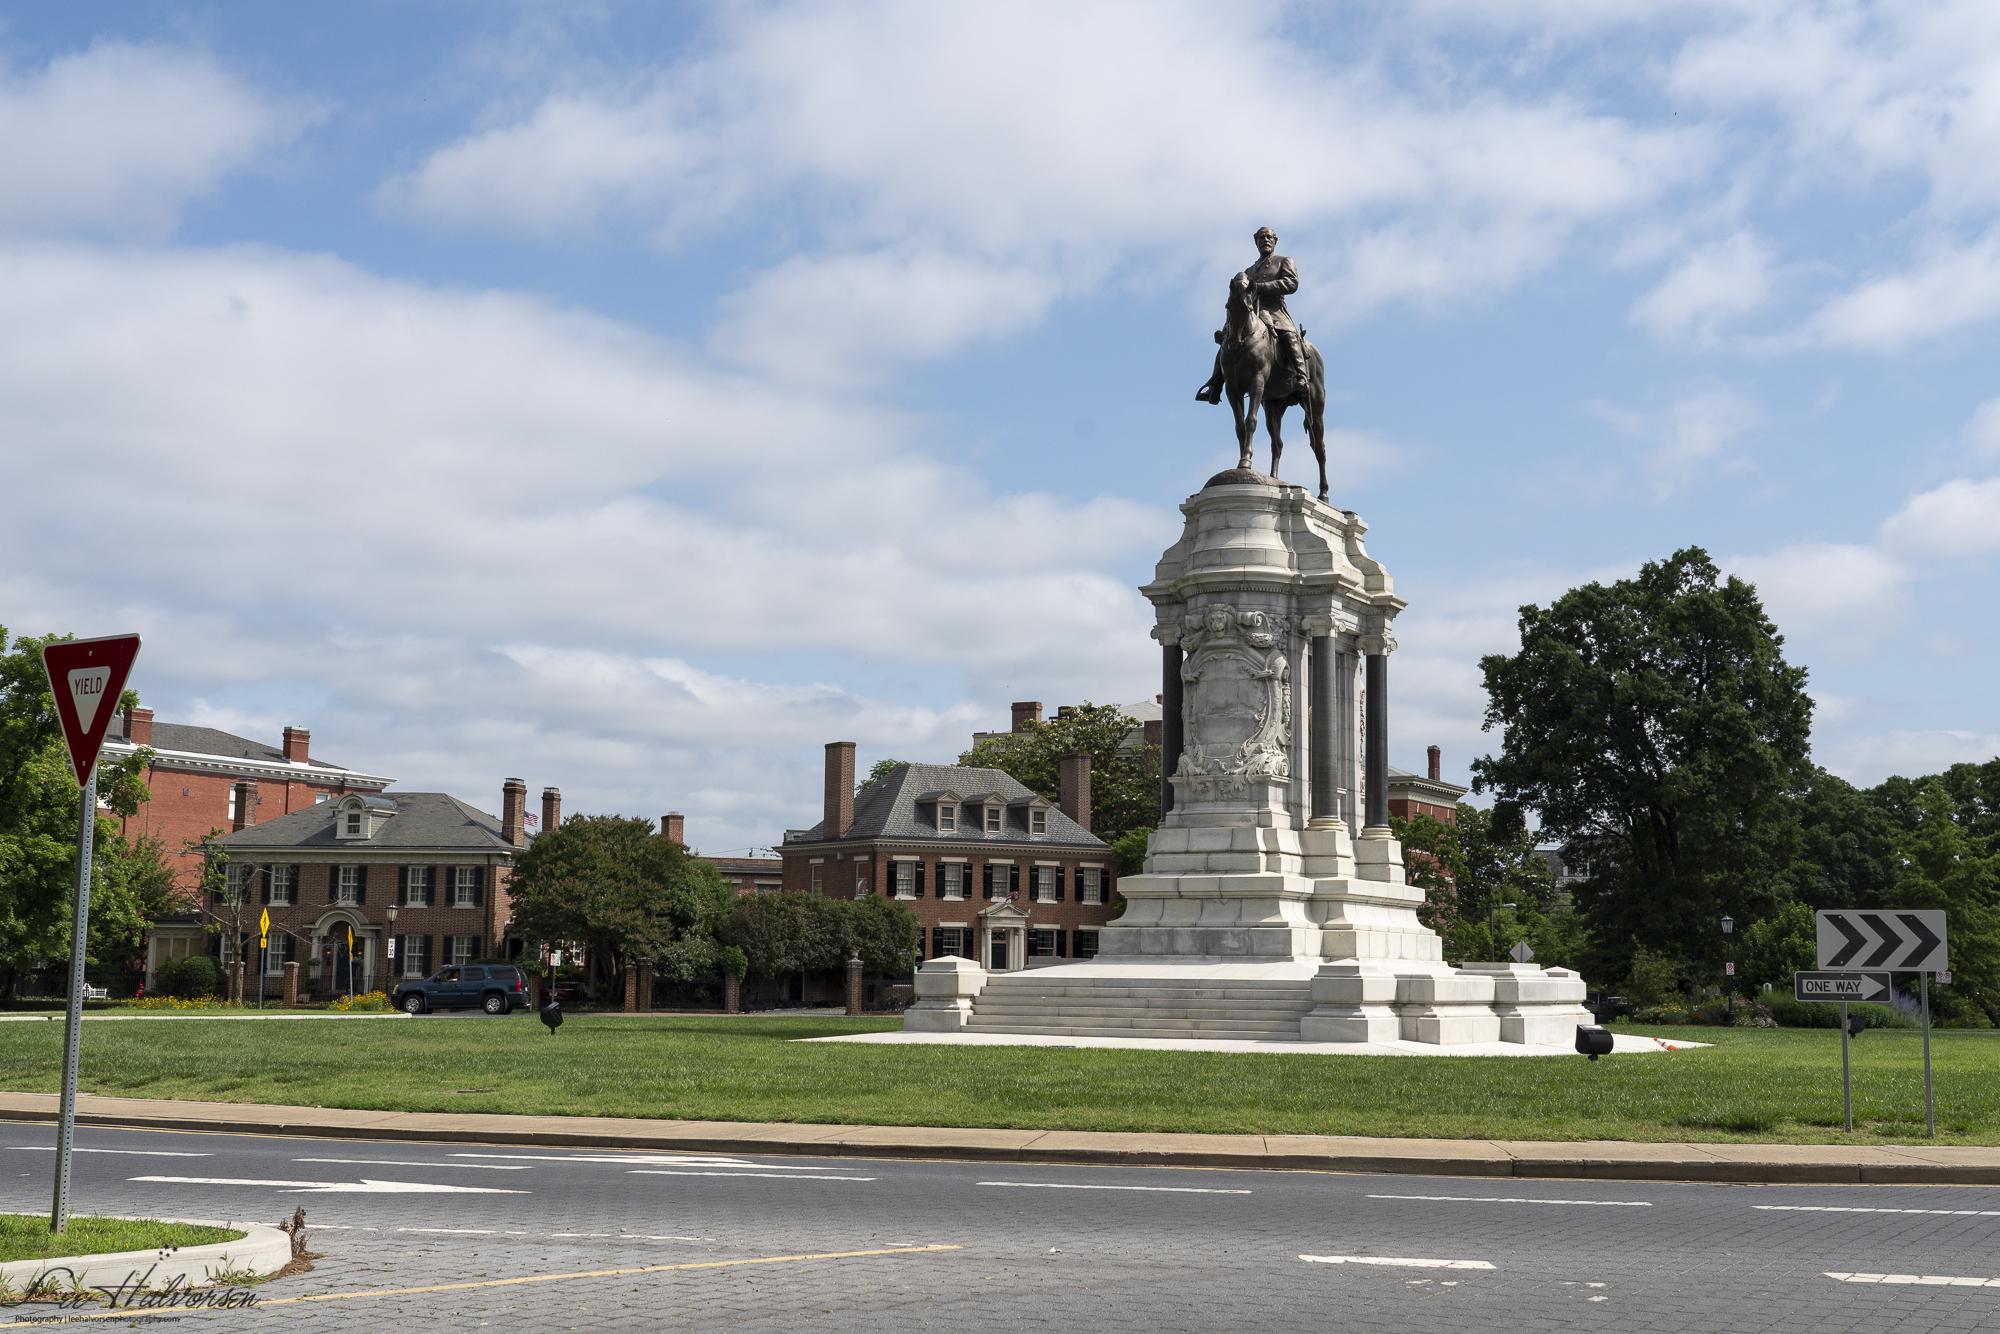 Robert E Lee Statue, Richmond VA